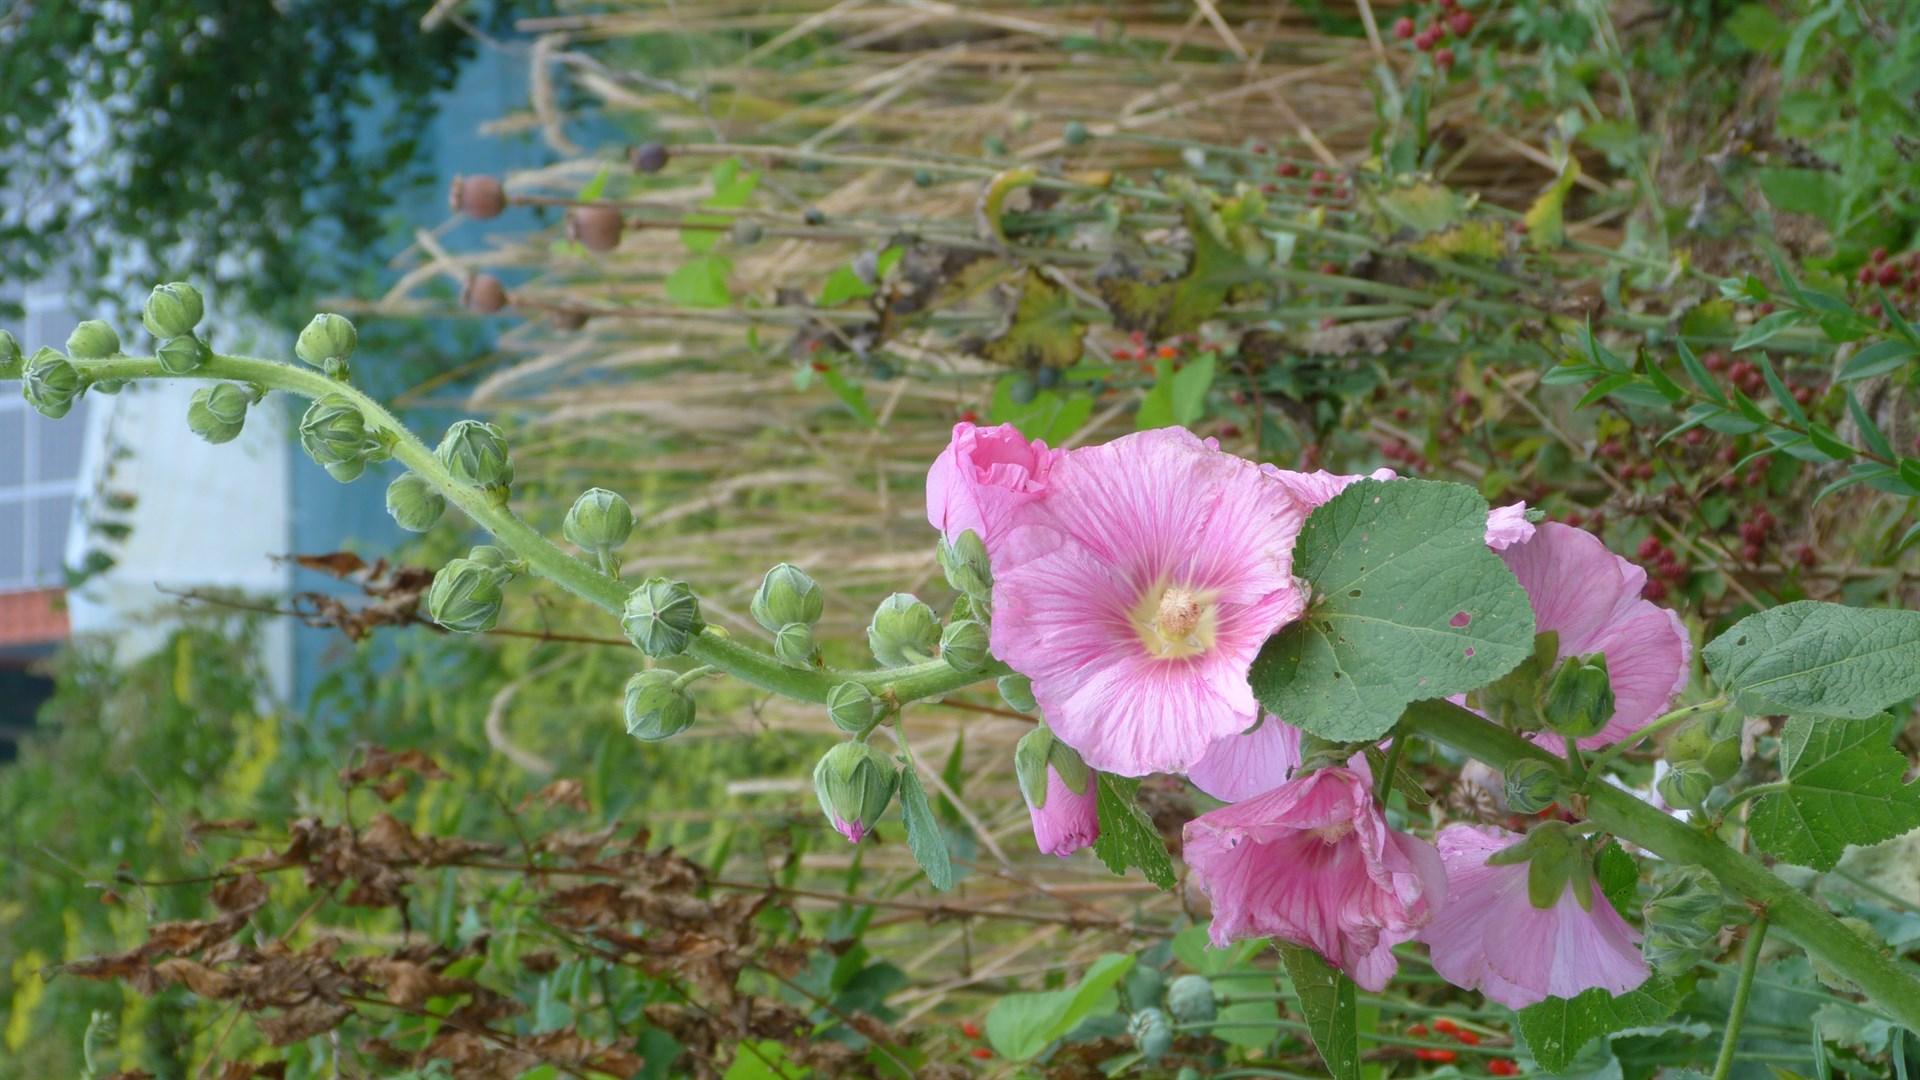 Wildpflanzen biotop permakulturpark am lebensgarten steyerberg - Einheimische pflanzen im garten ...